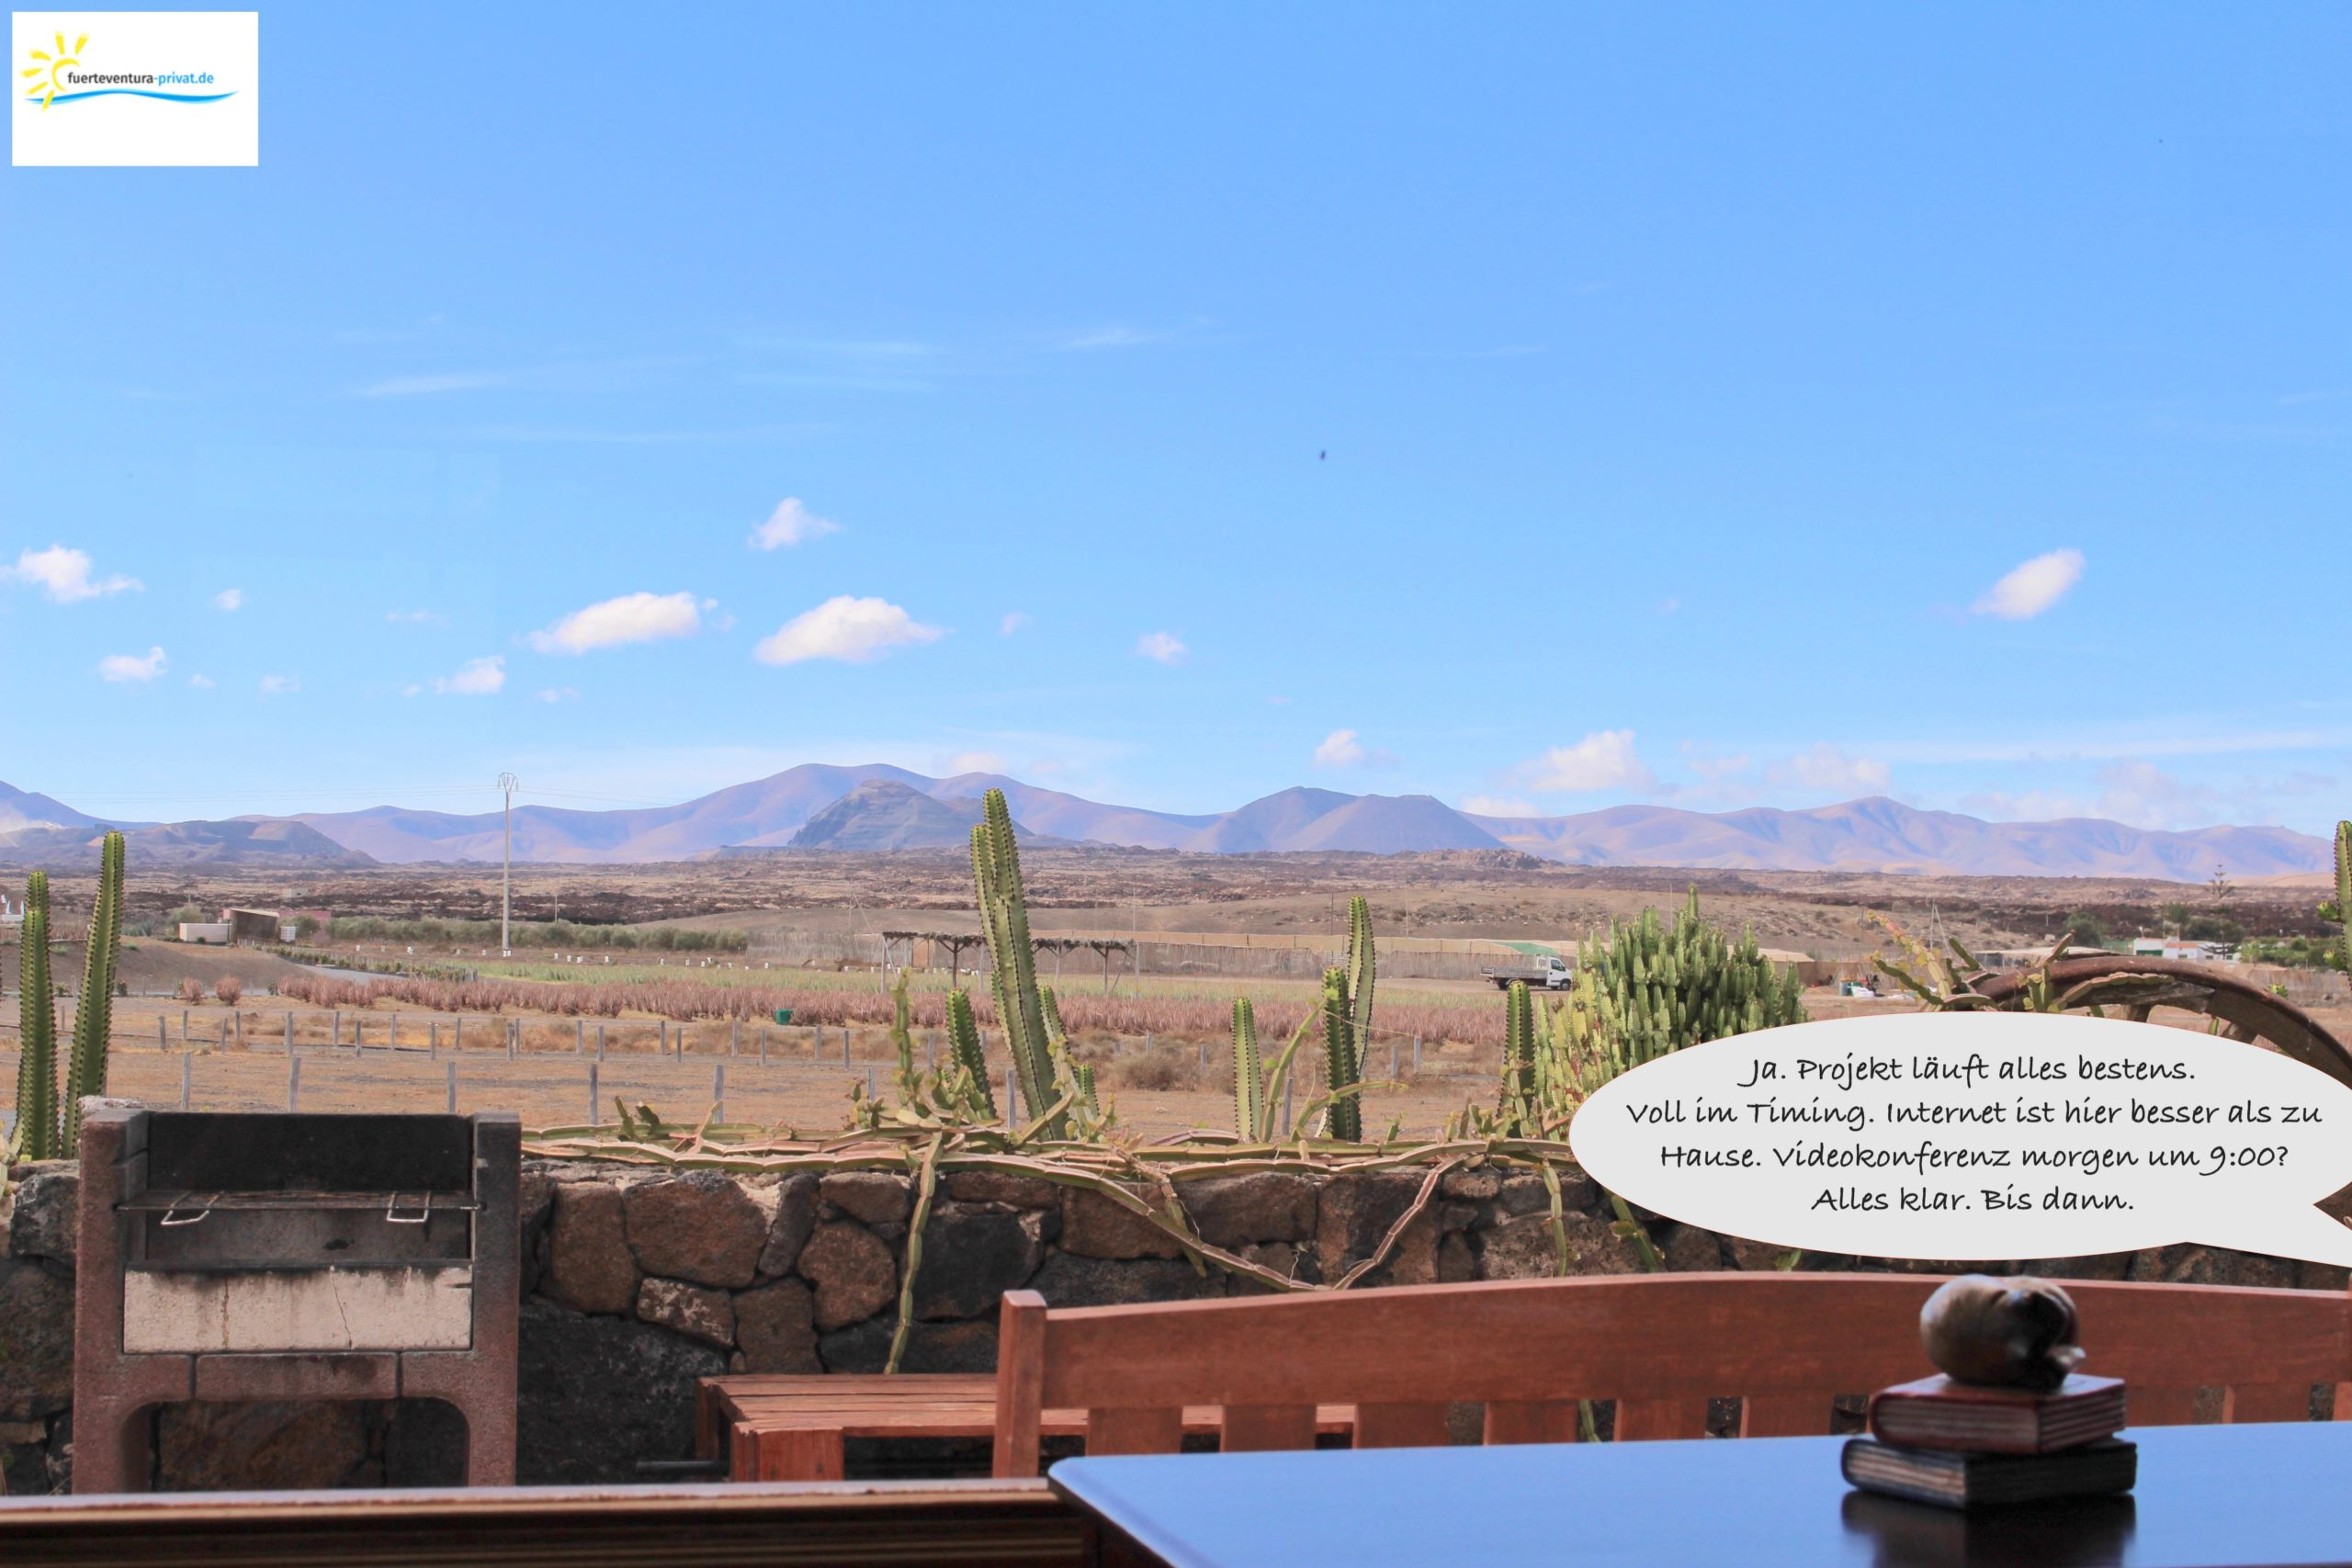 Home Office auf Fuerteventura?